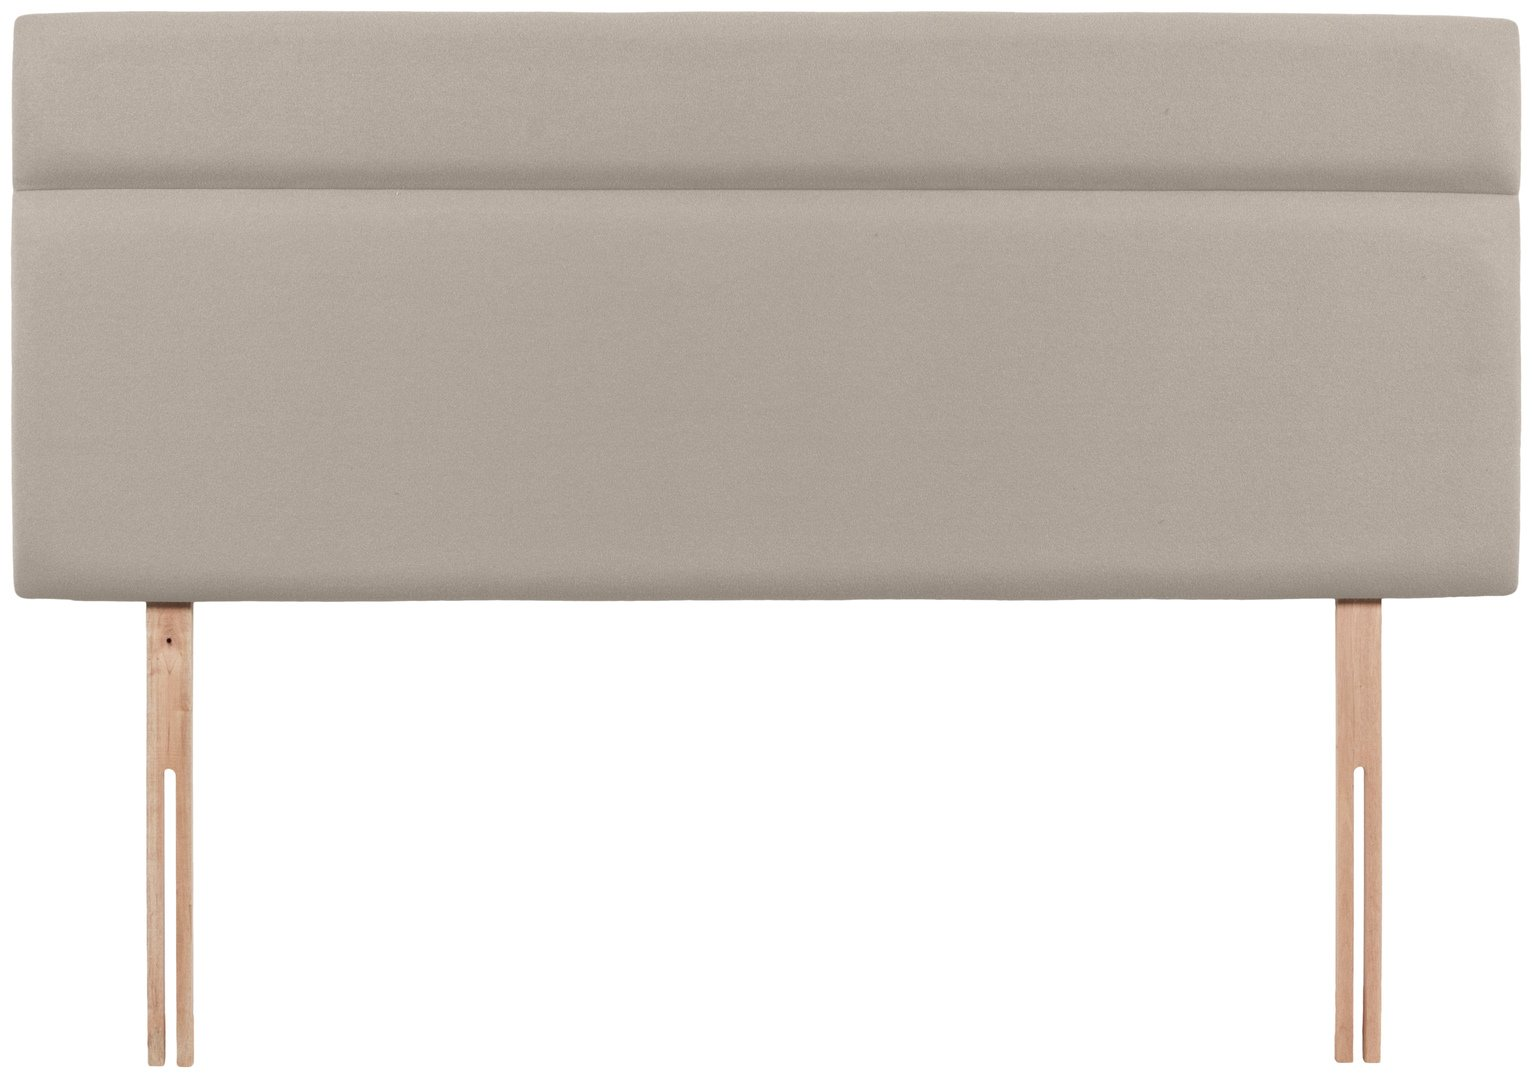 Airsprung Nile Kingsize Headboard - Sandstone